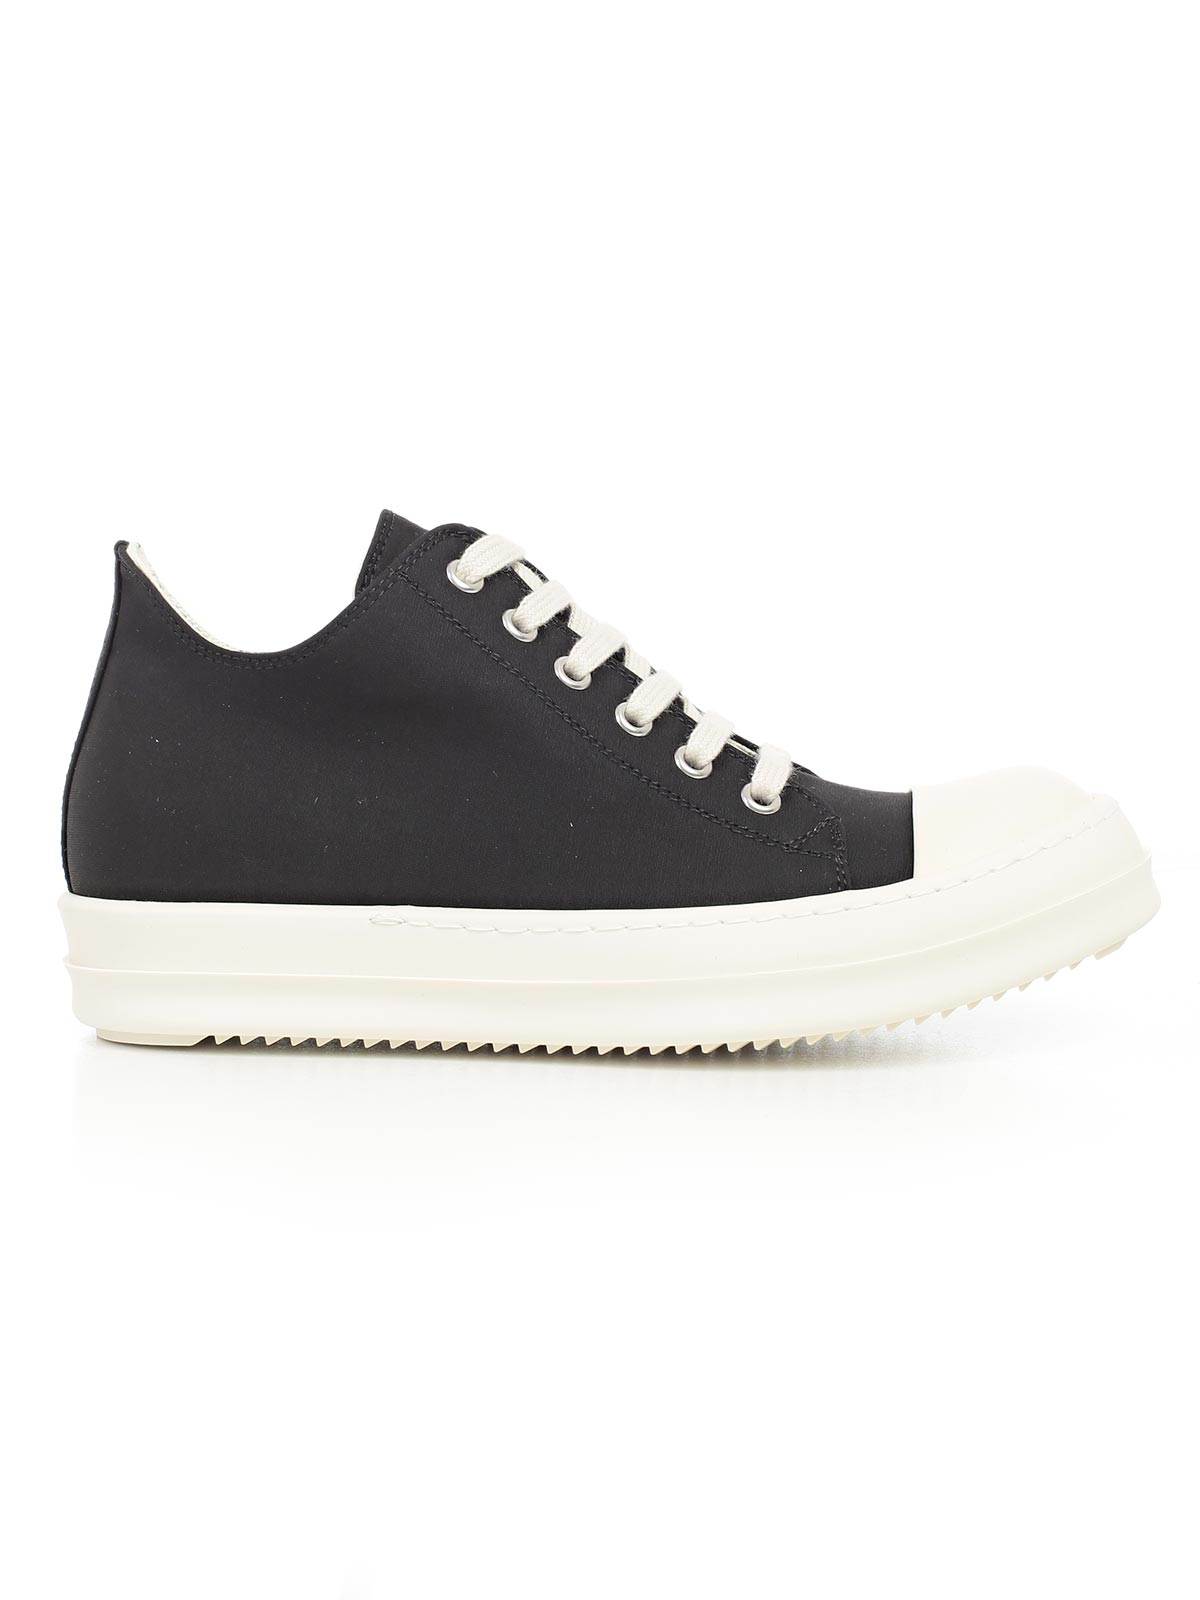 Picture of Rick Owens Drkshdw Footwear